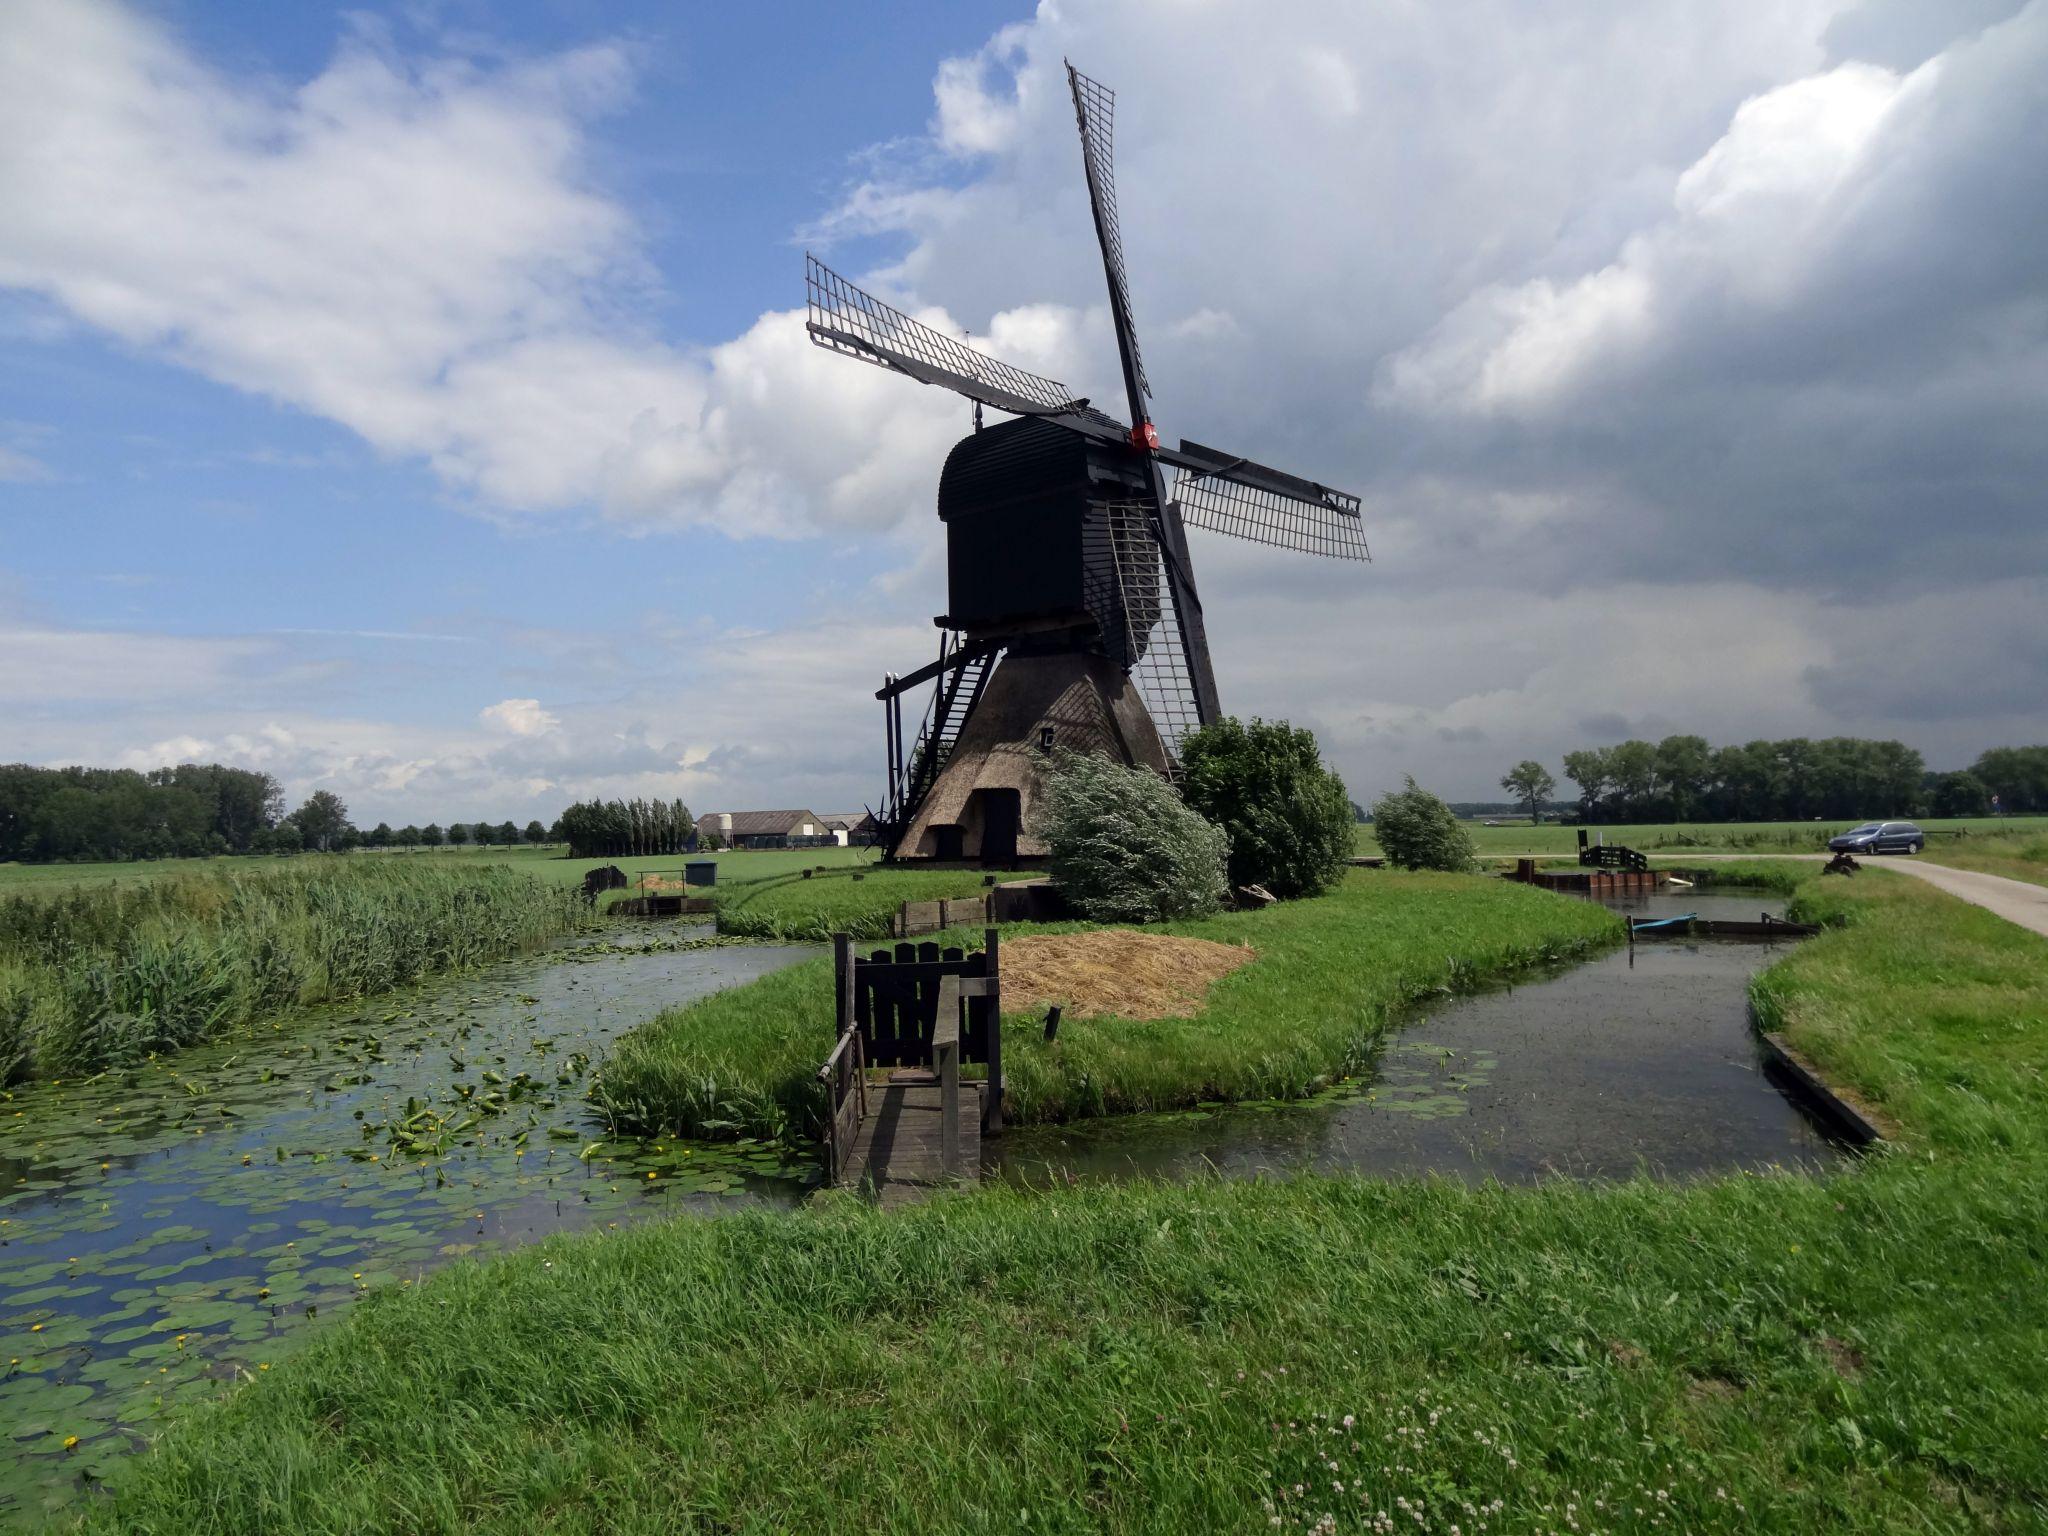 Noordeveldse Molen, Netherlands